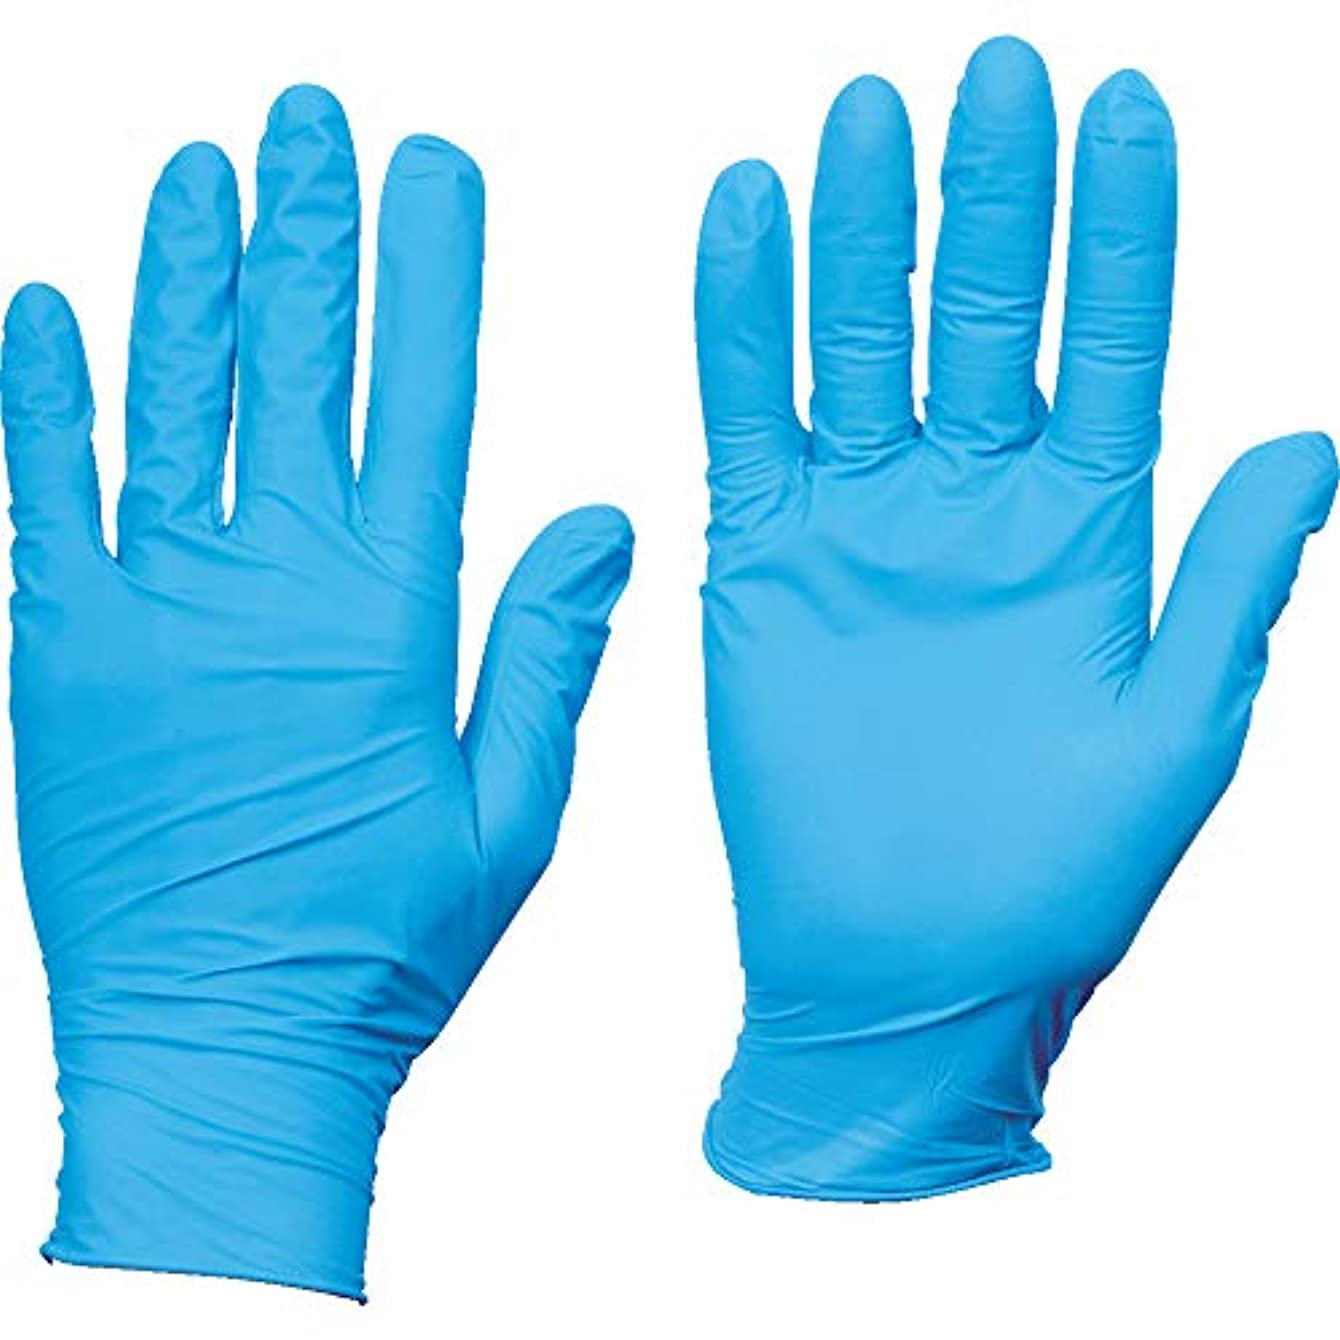 傭兵突然衝突TRUSCO(トラスコ) 10箱入り使い捨てニトリル手袋TGスタンダード0.08粉無青M TGNN08BM10C